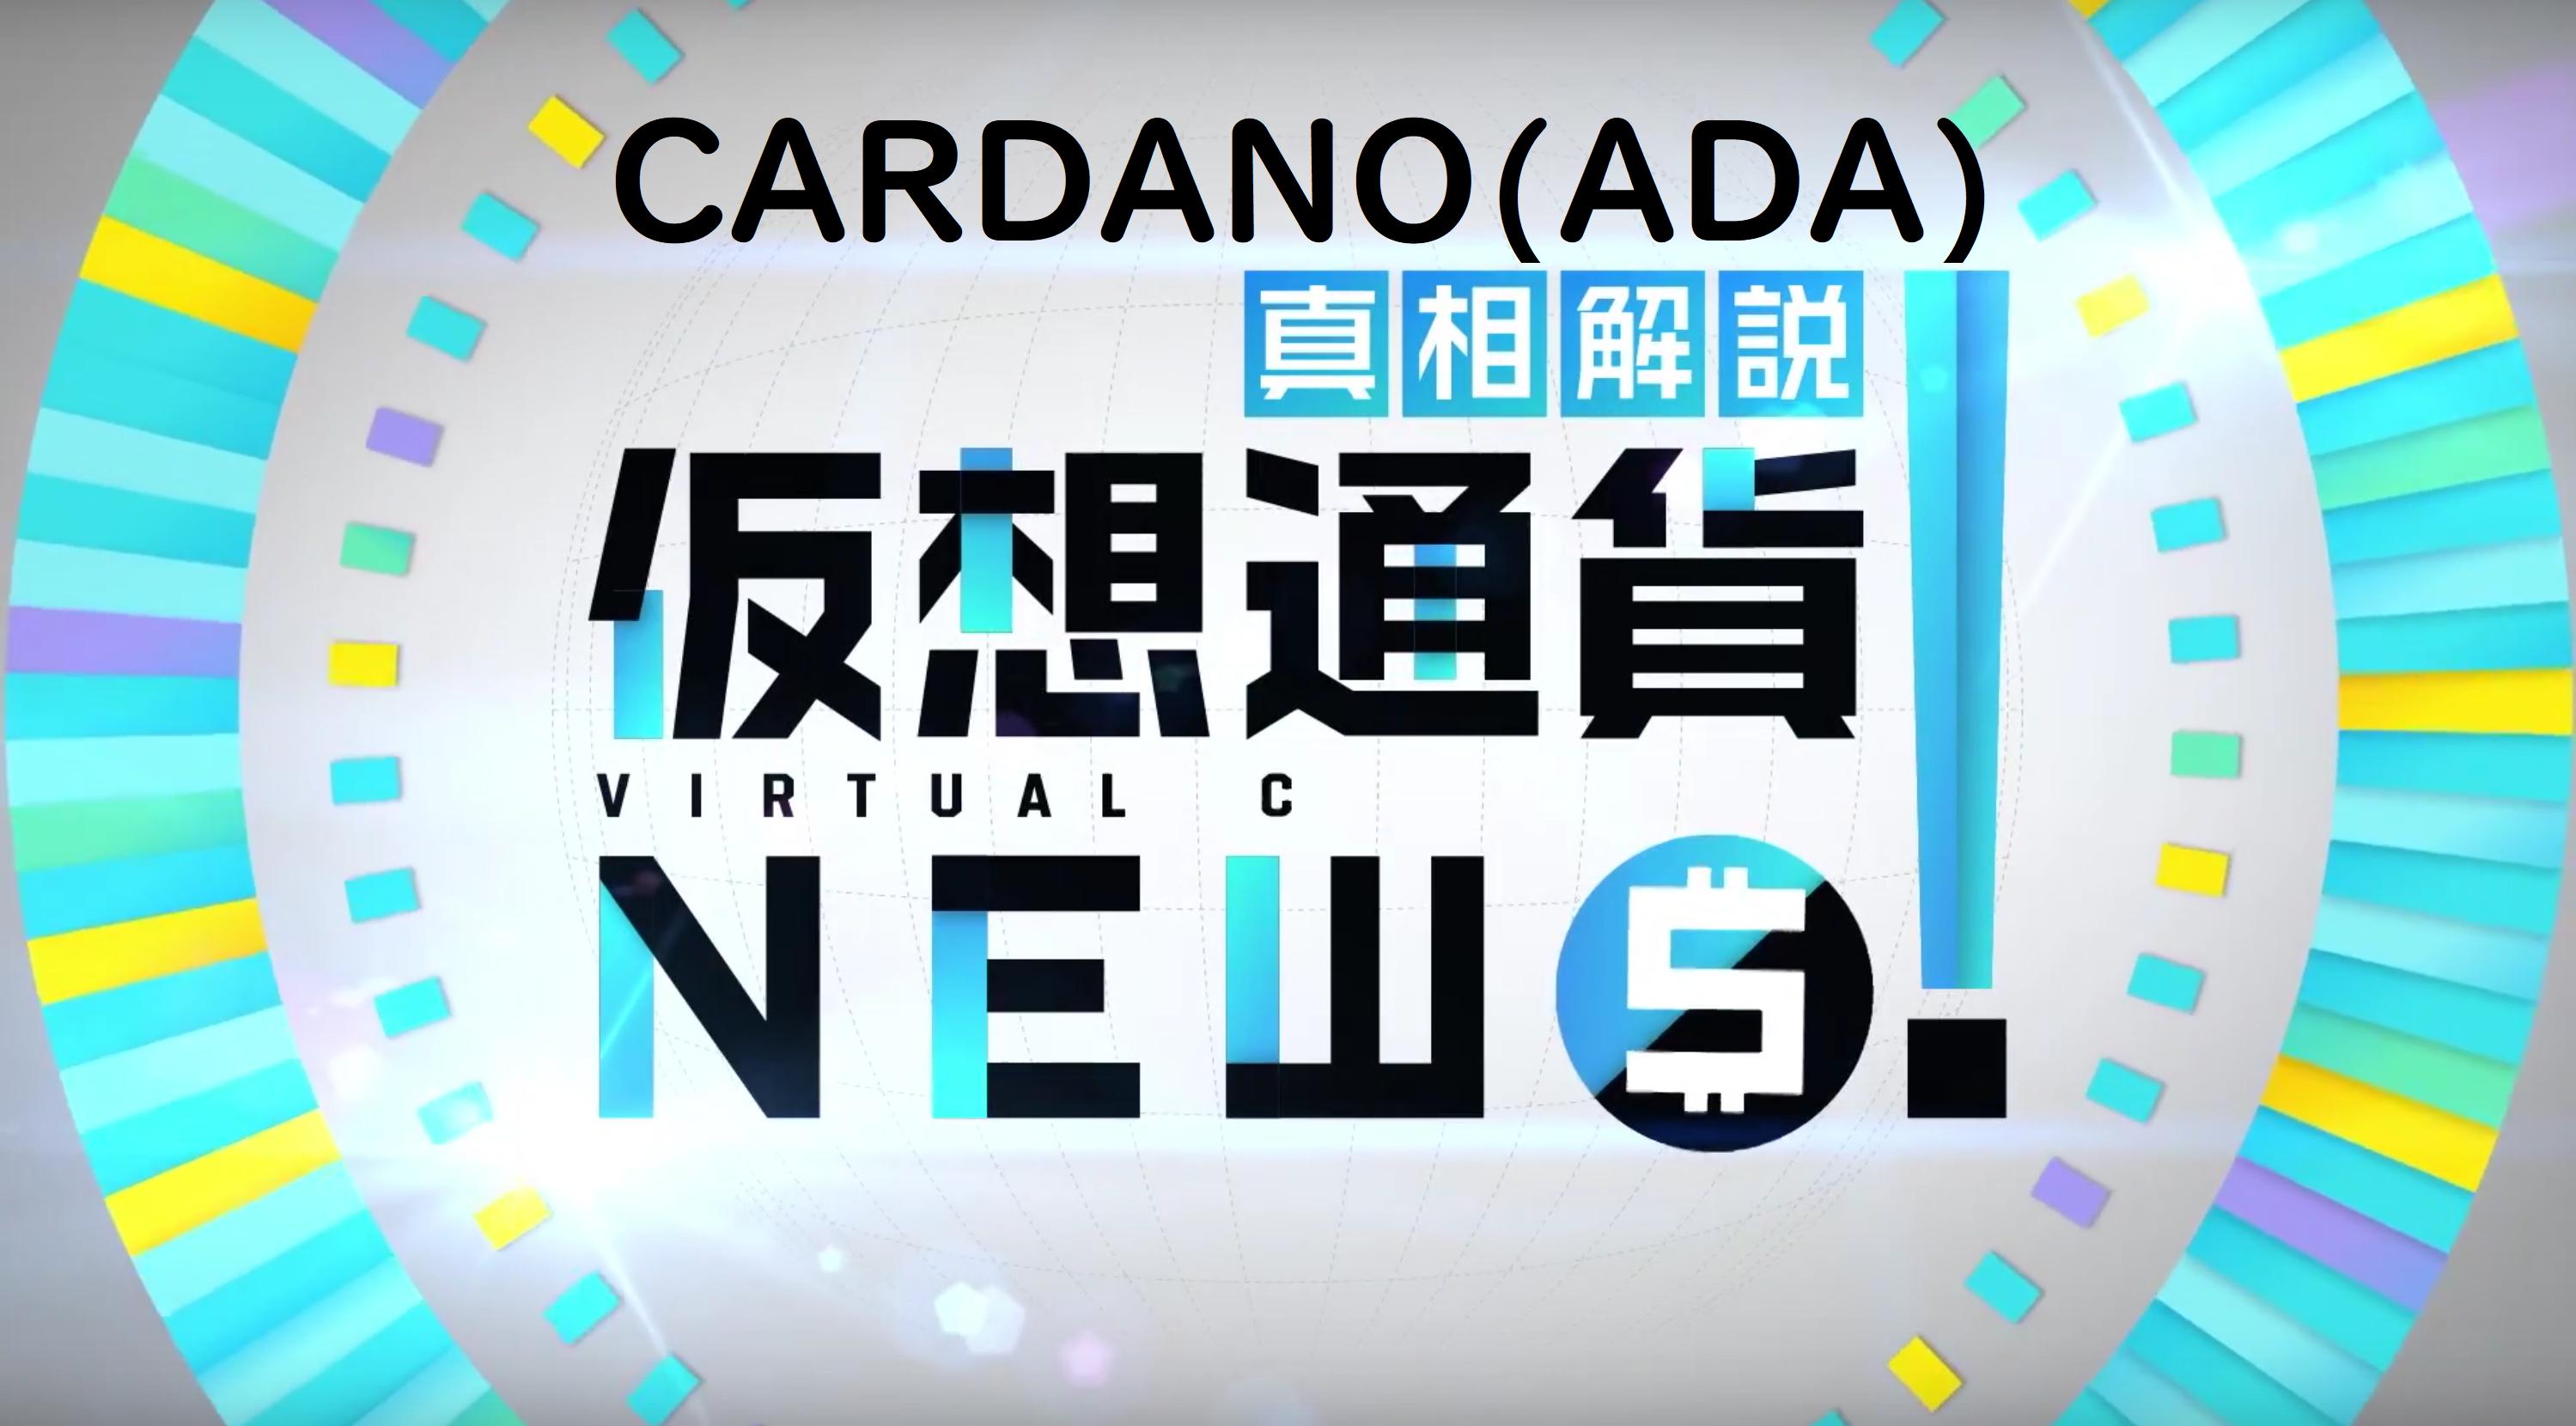 真相解説! 仮想通貨NEWS!にCardano(ADA)